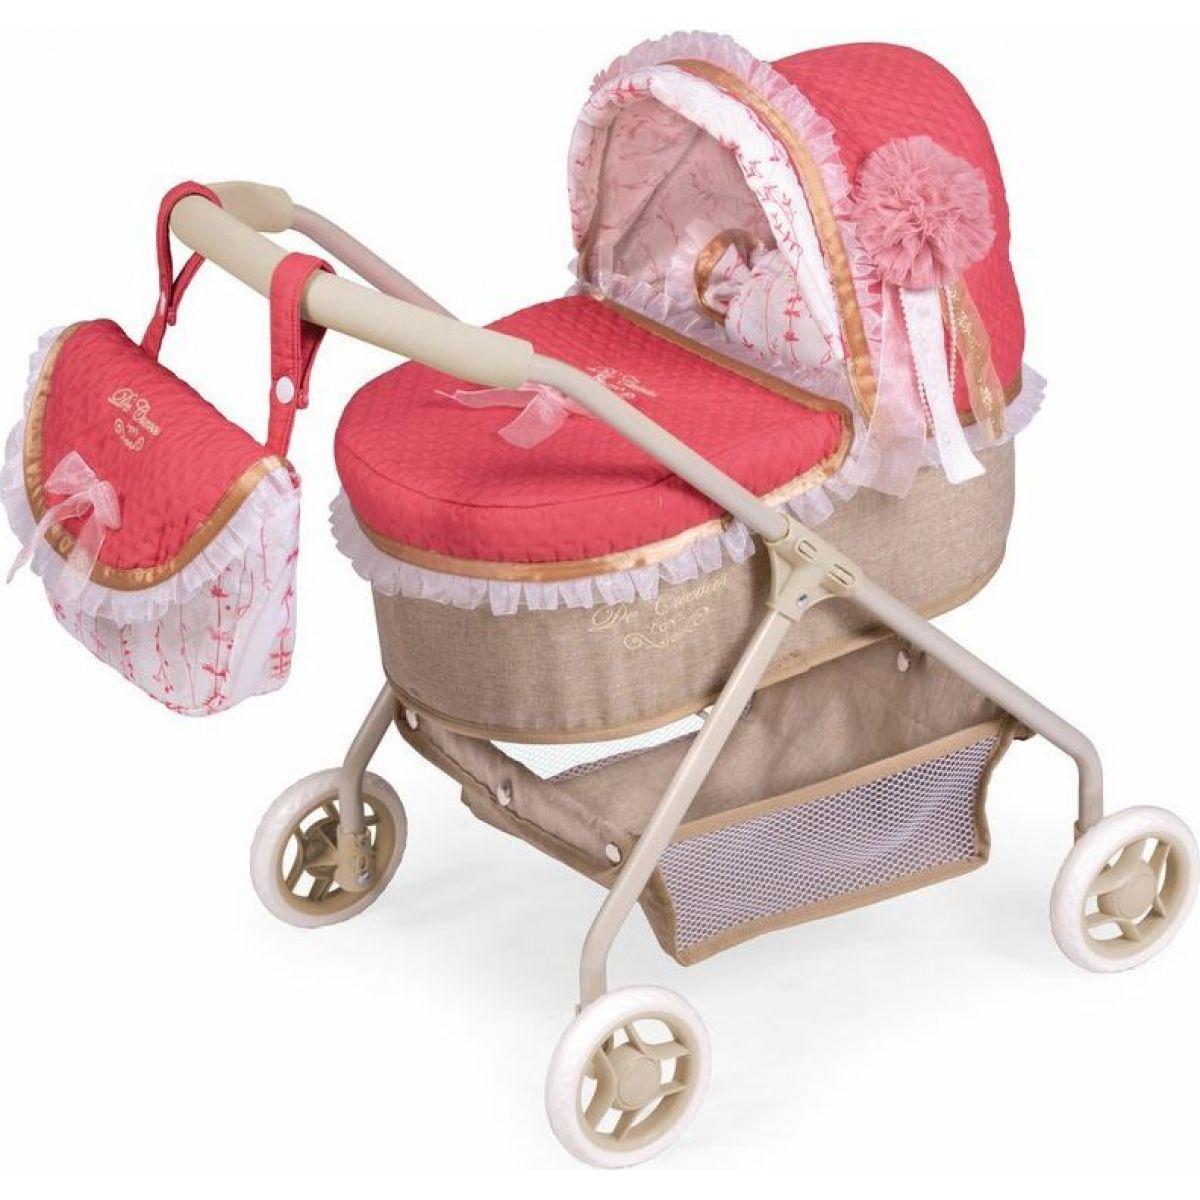 DeCuevas 86033 Môj prvý kočík pre bábiky s taškou a doplnky Martina 2020 - 56 cm